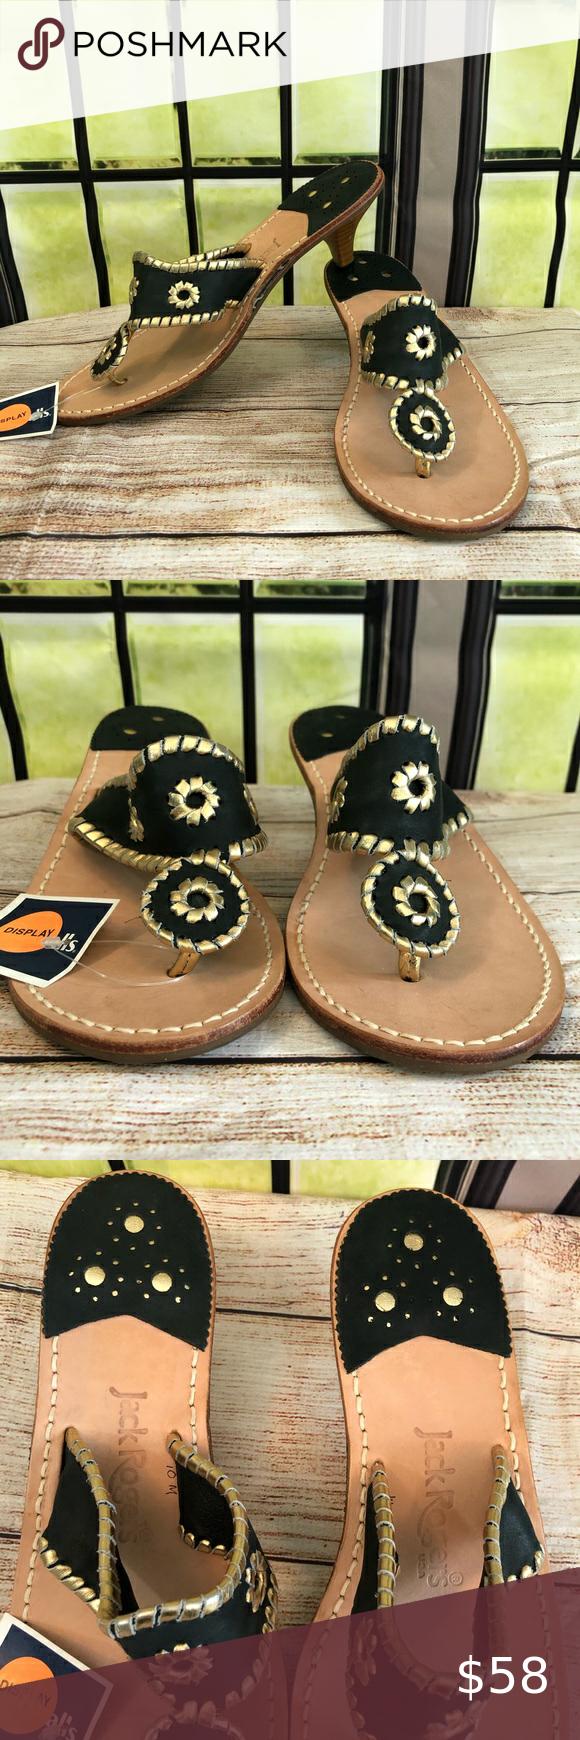 Jack Rogers Black Gold Wooden Kitten Heel Sandals In 2020 Kitten Heel Sandals Sandals Heels Kitten Heels